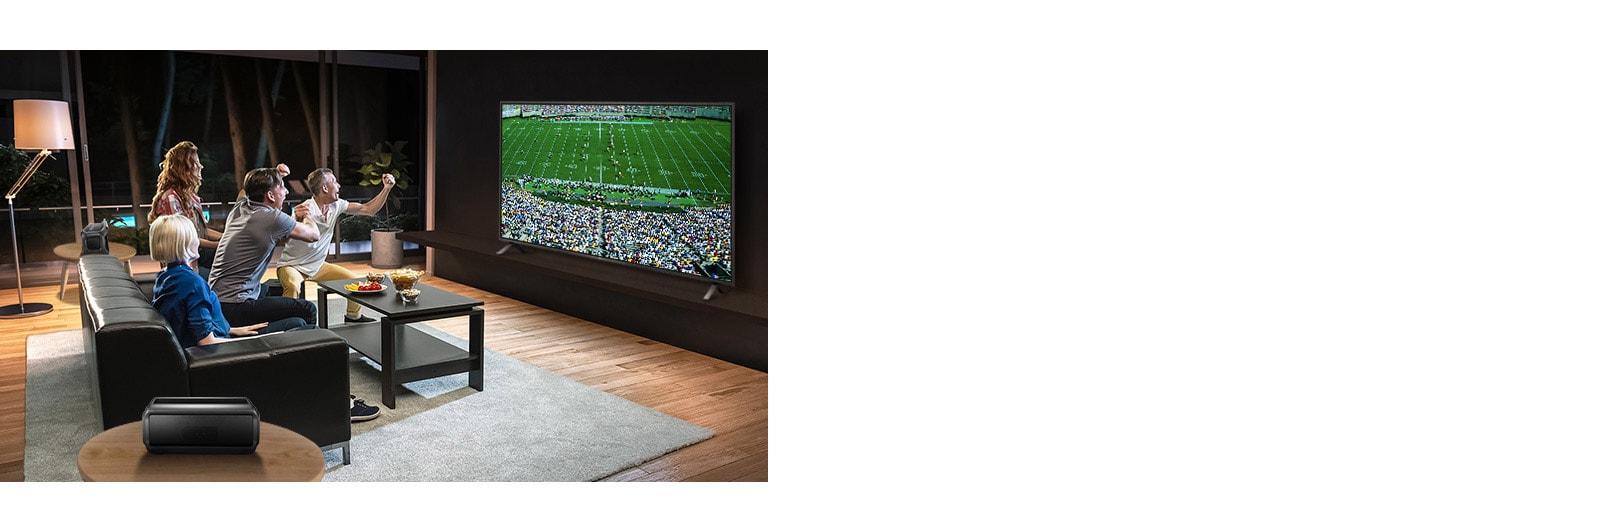 Pessoas assistindo um jogo de esportes na TV na sala de estar com alto-falantes traseiros bluetooth.